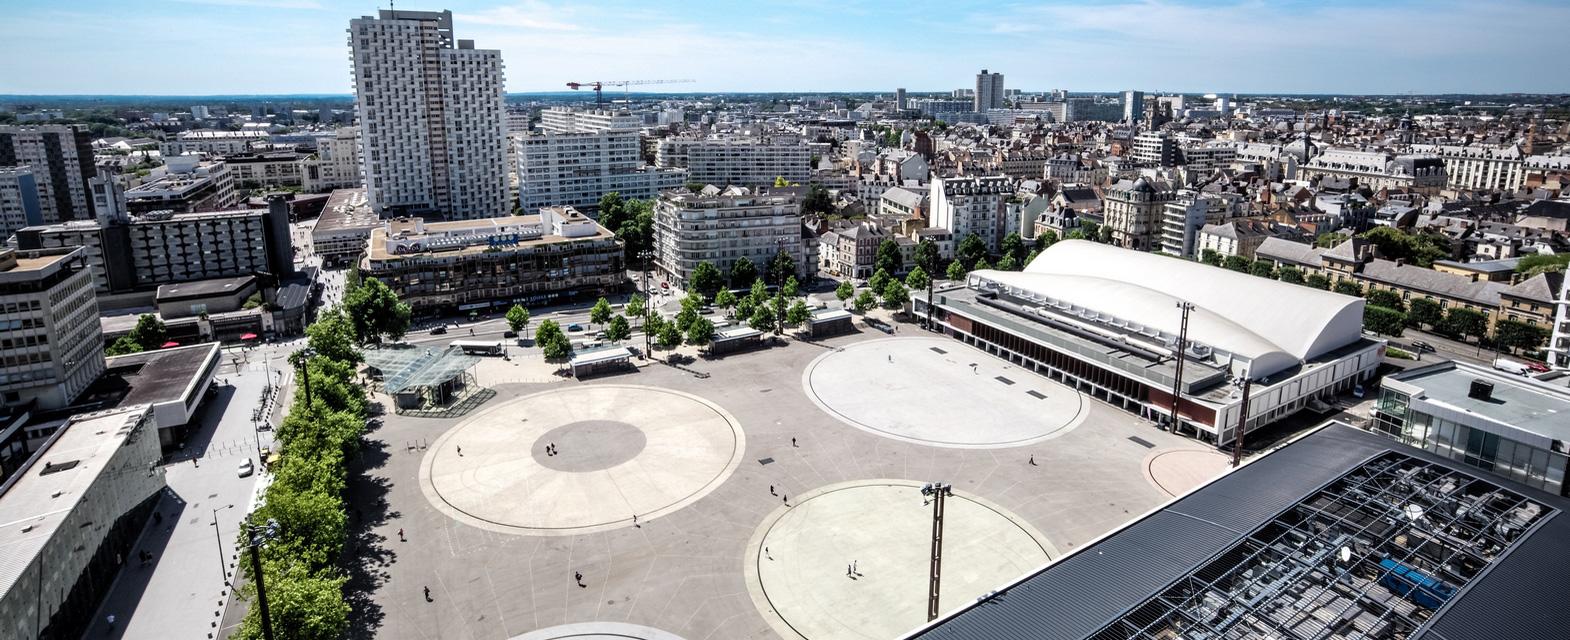 Charles-de-Gaulle-Champs-Libres-1.jpg